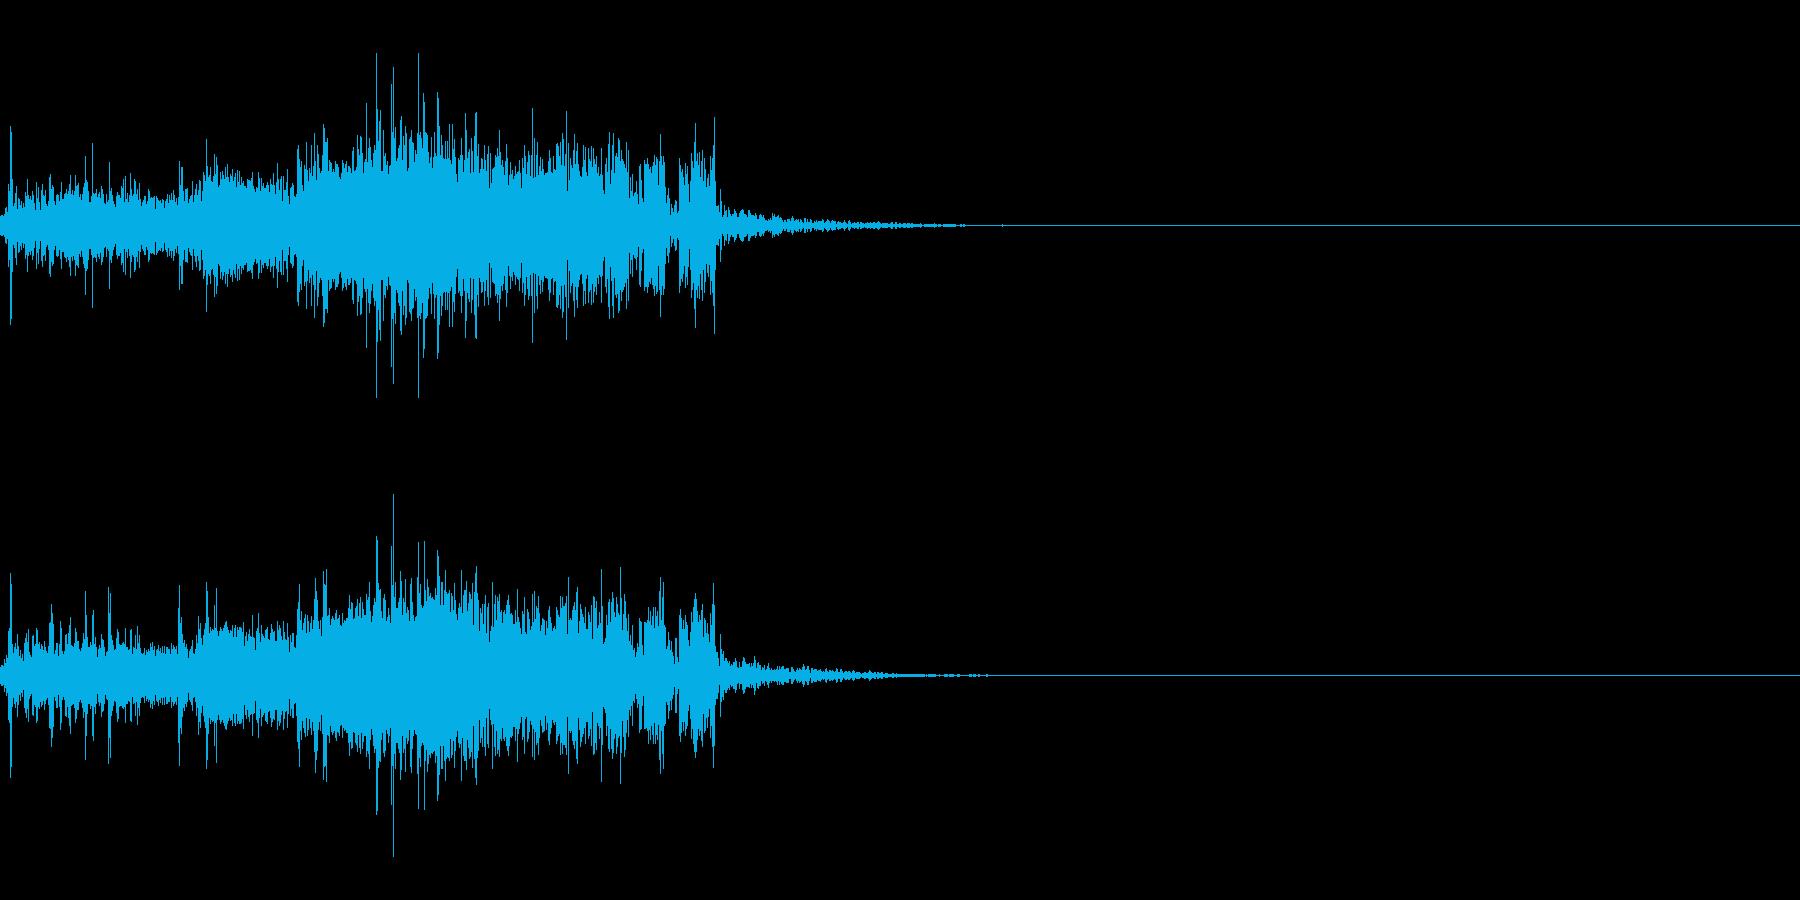 スパーク音-19の再生済みの波形